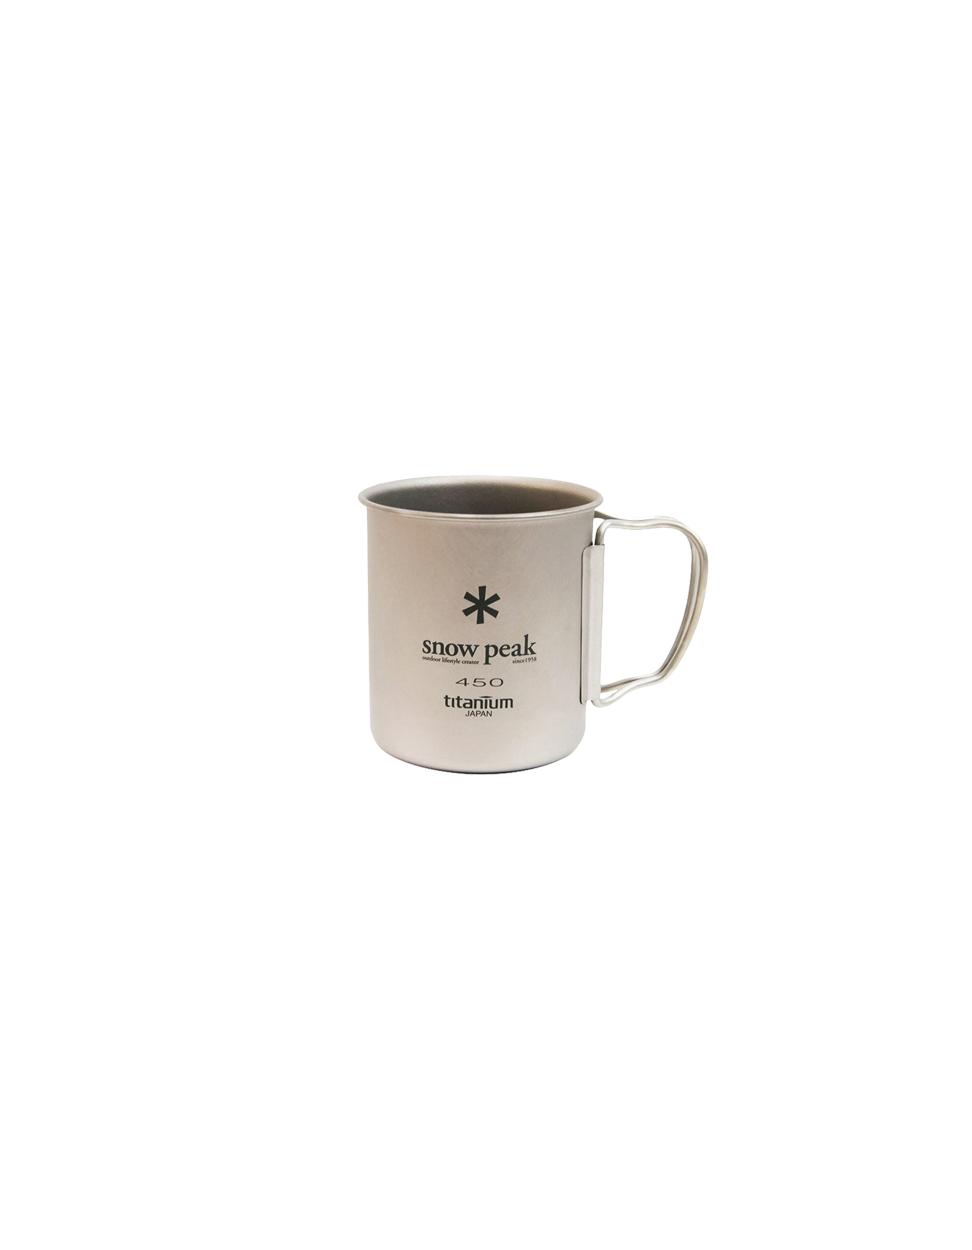 snow-peak-titanium-mug